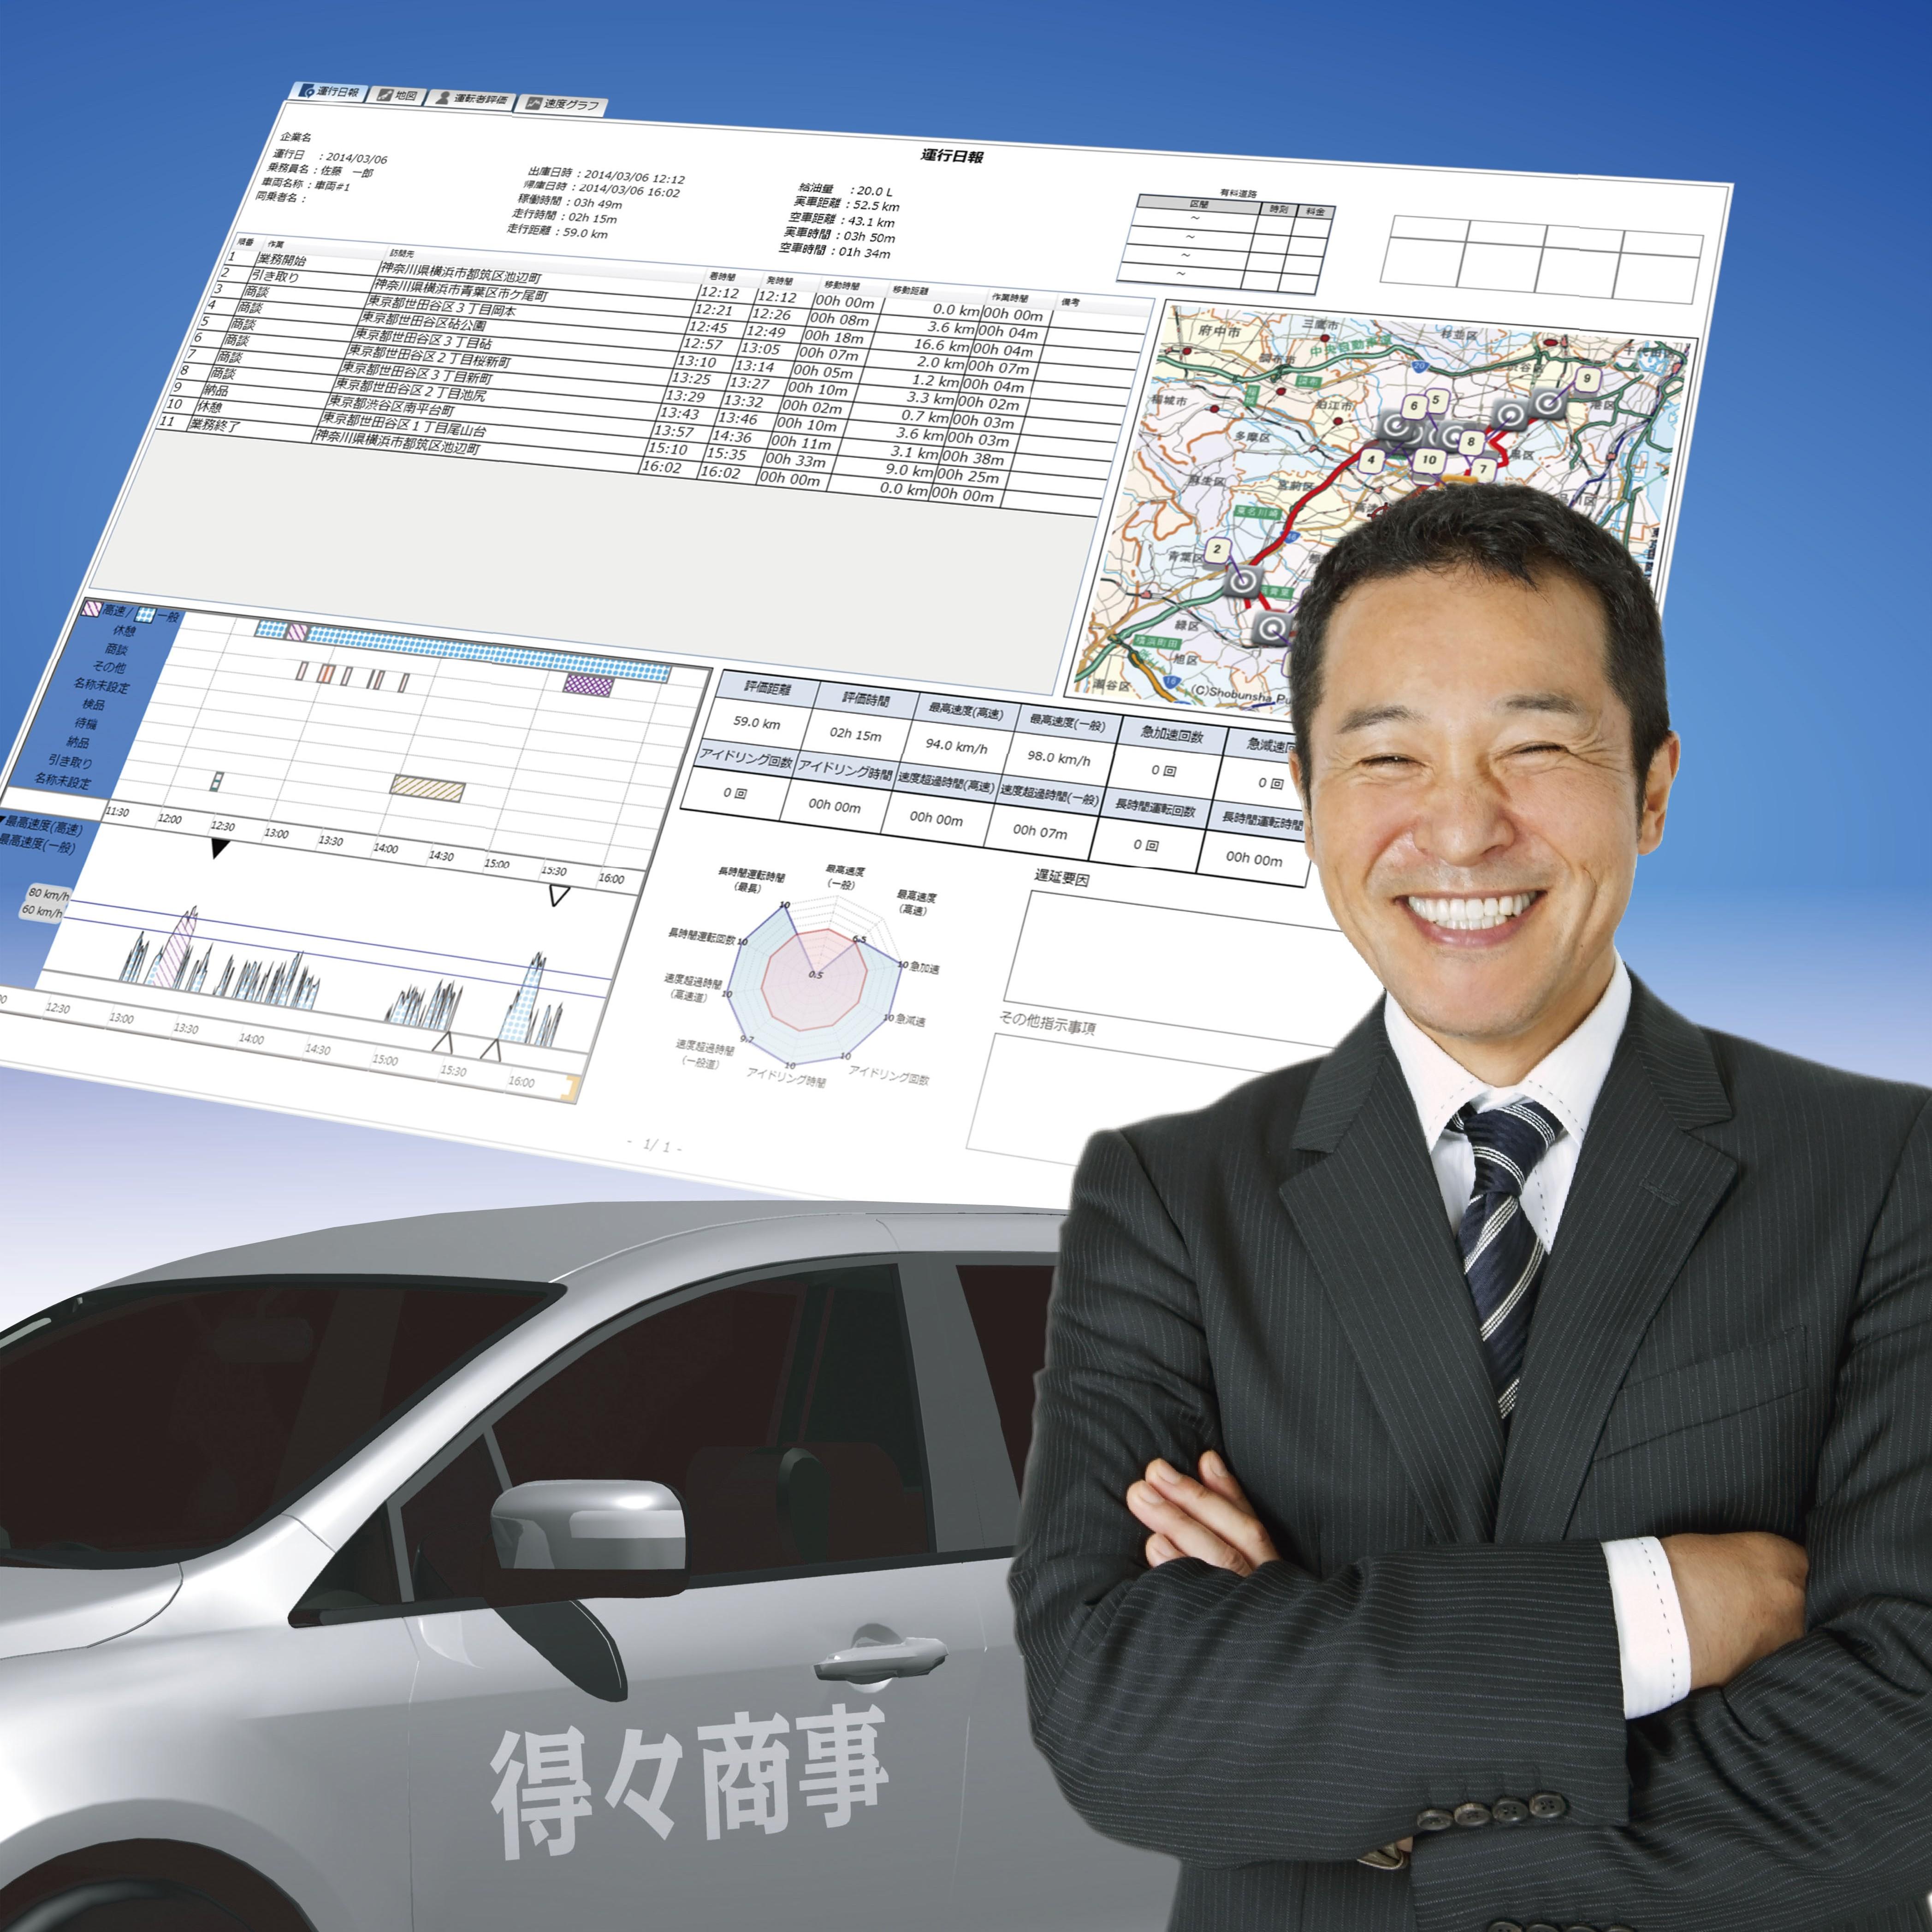 業務用運行管理システム